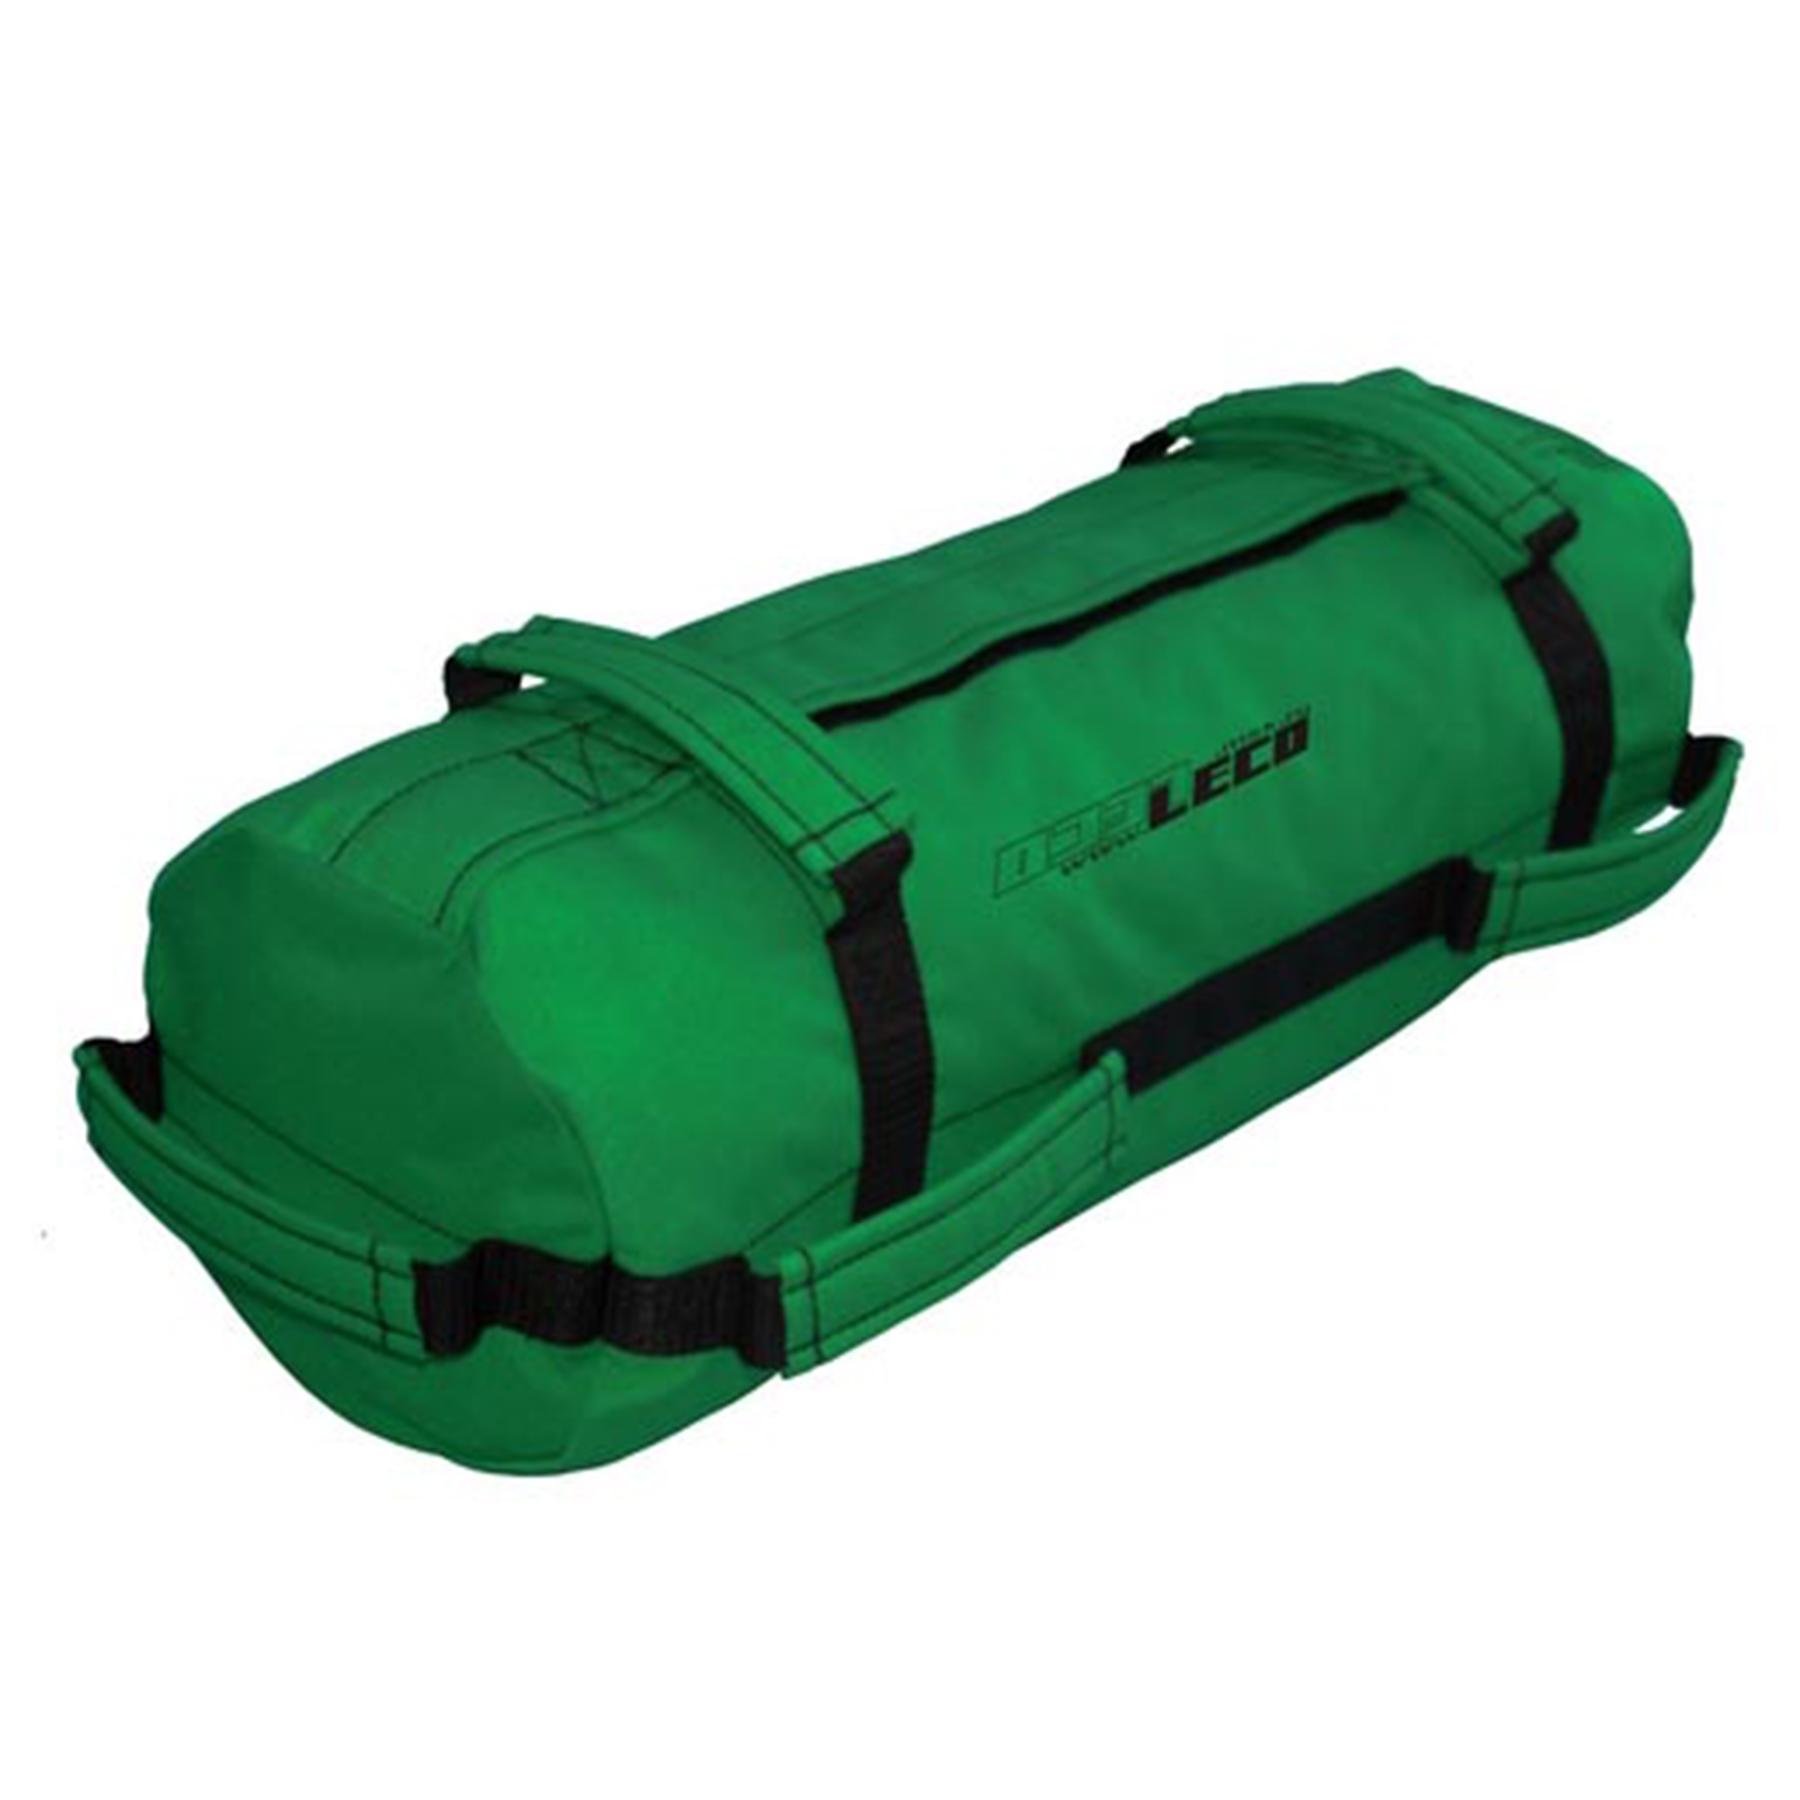 Сендбег (мешок-утяжелитель) Леко на 15 кг, габариты 50*18, 7 ручек (гп037002)